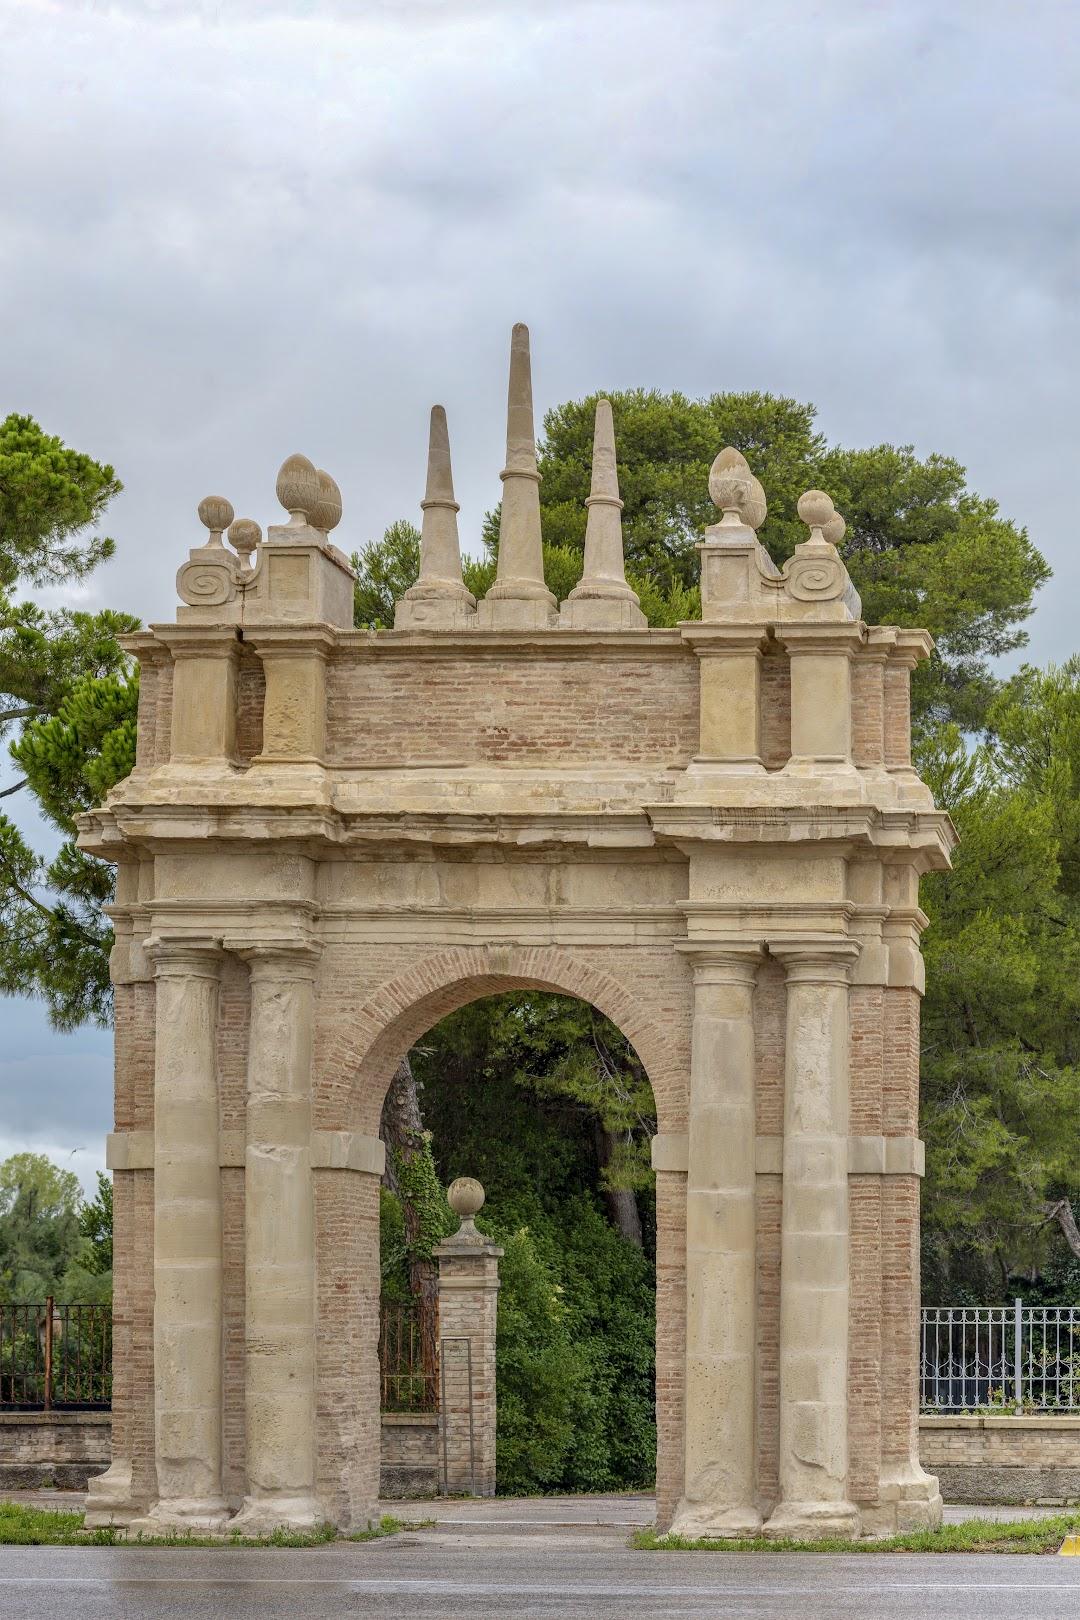 Arco Trionfale del Miralfiore